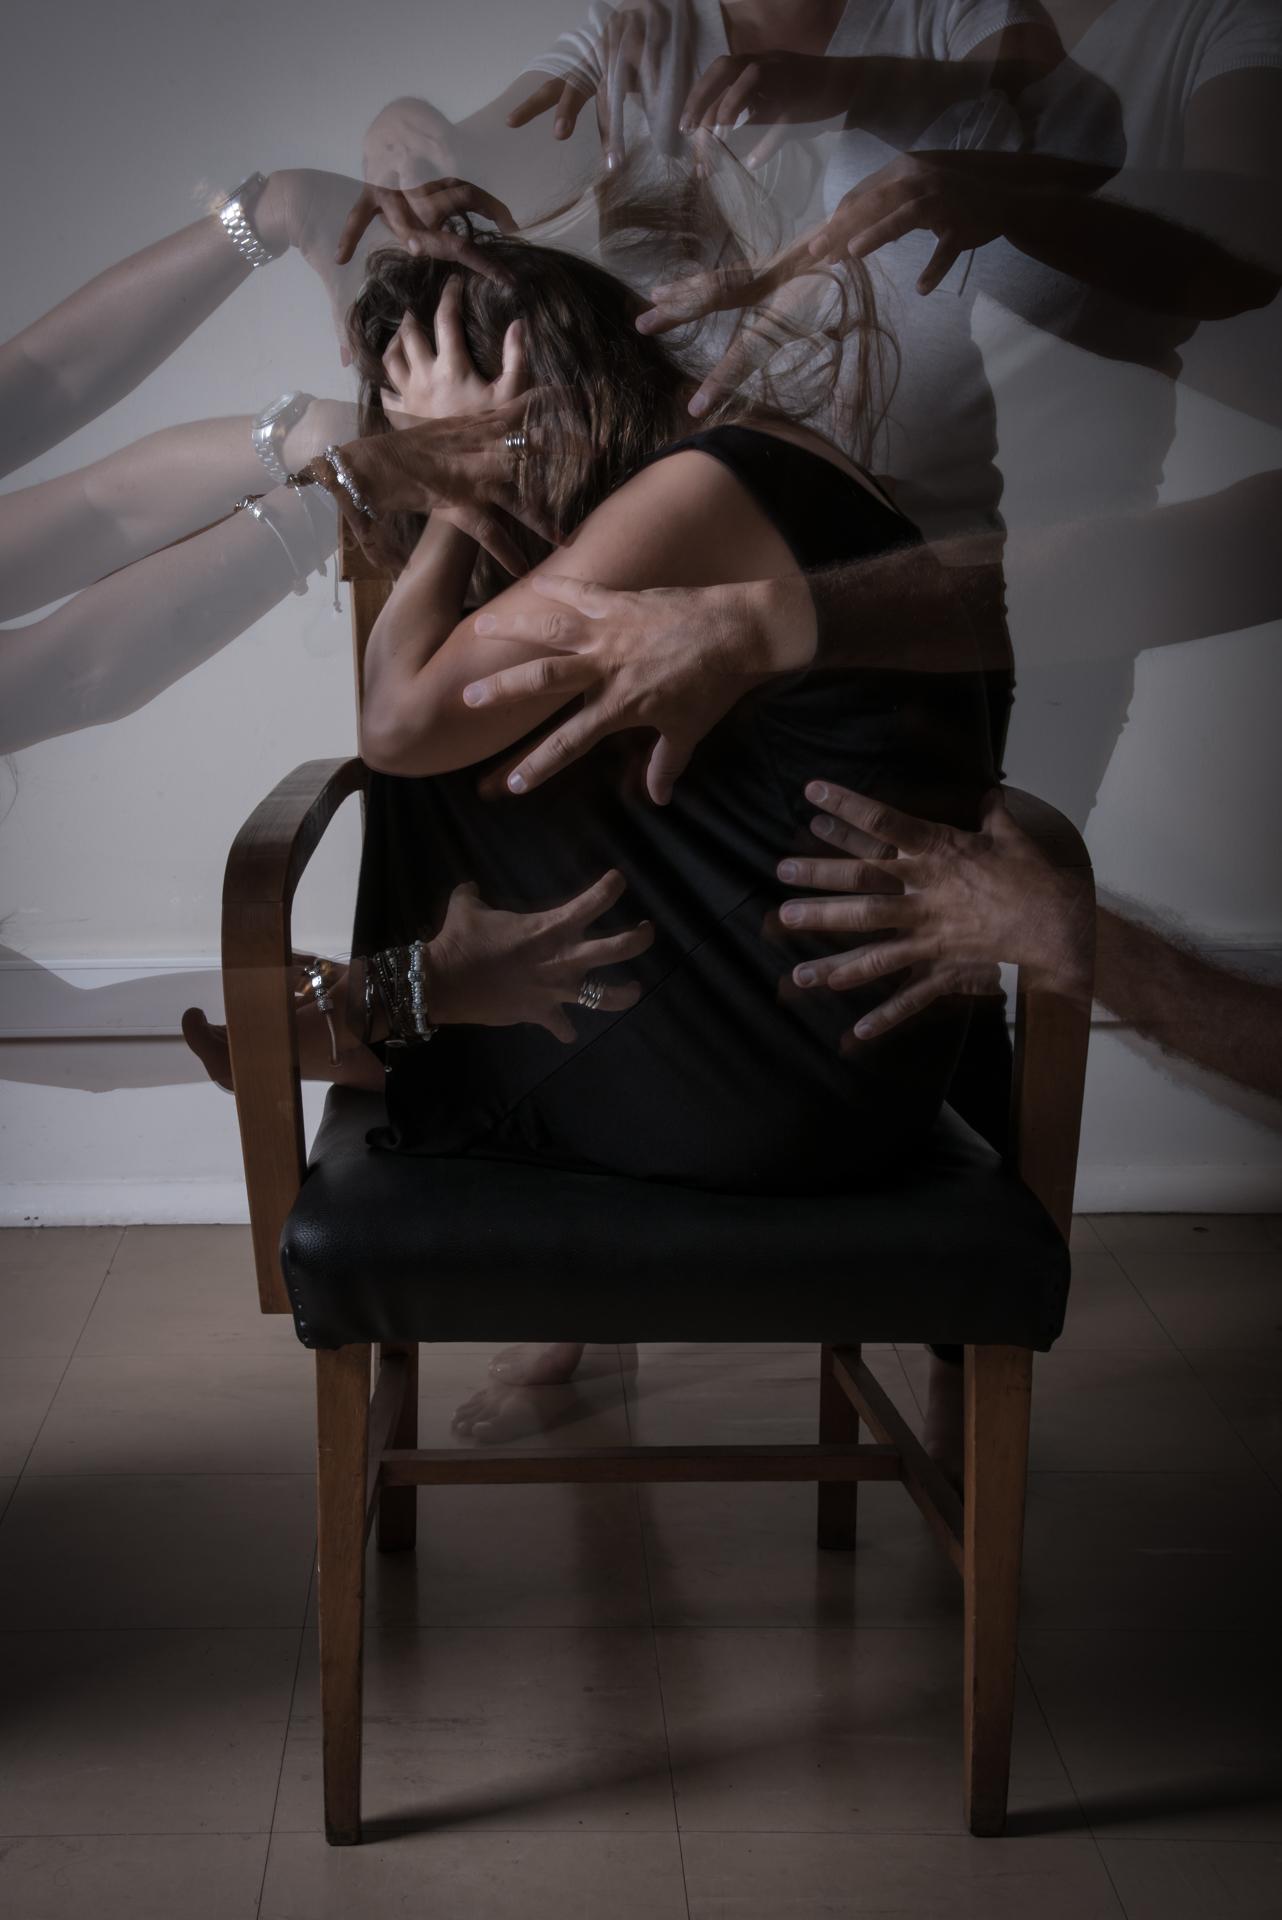 <p>Em Portugal, 1 em cada 4 adolescentes diz sentir medo frequentemente. Três vezes mais do que há 4 anos (2014).</p>